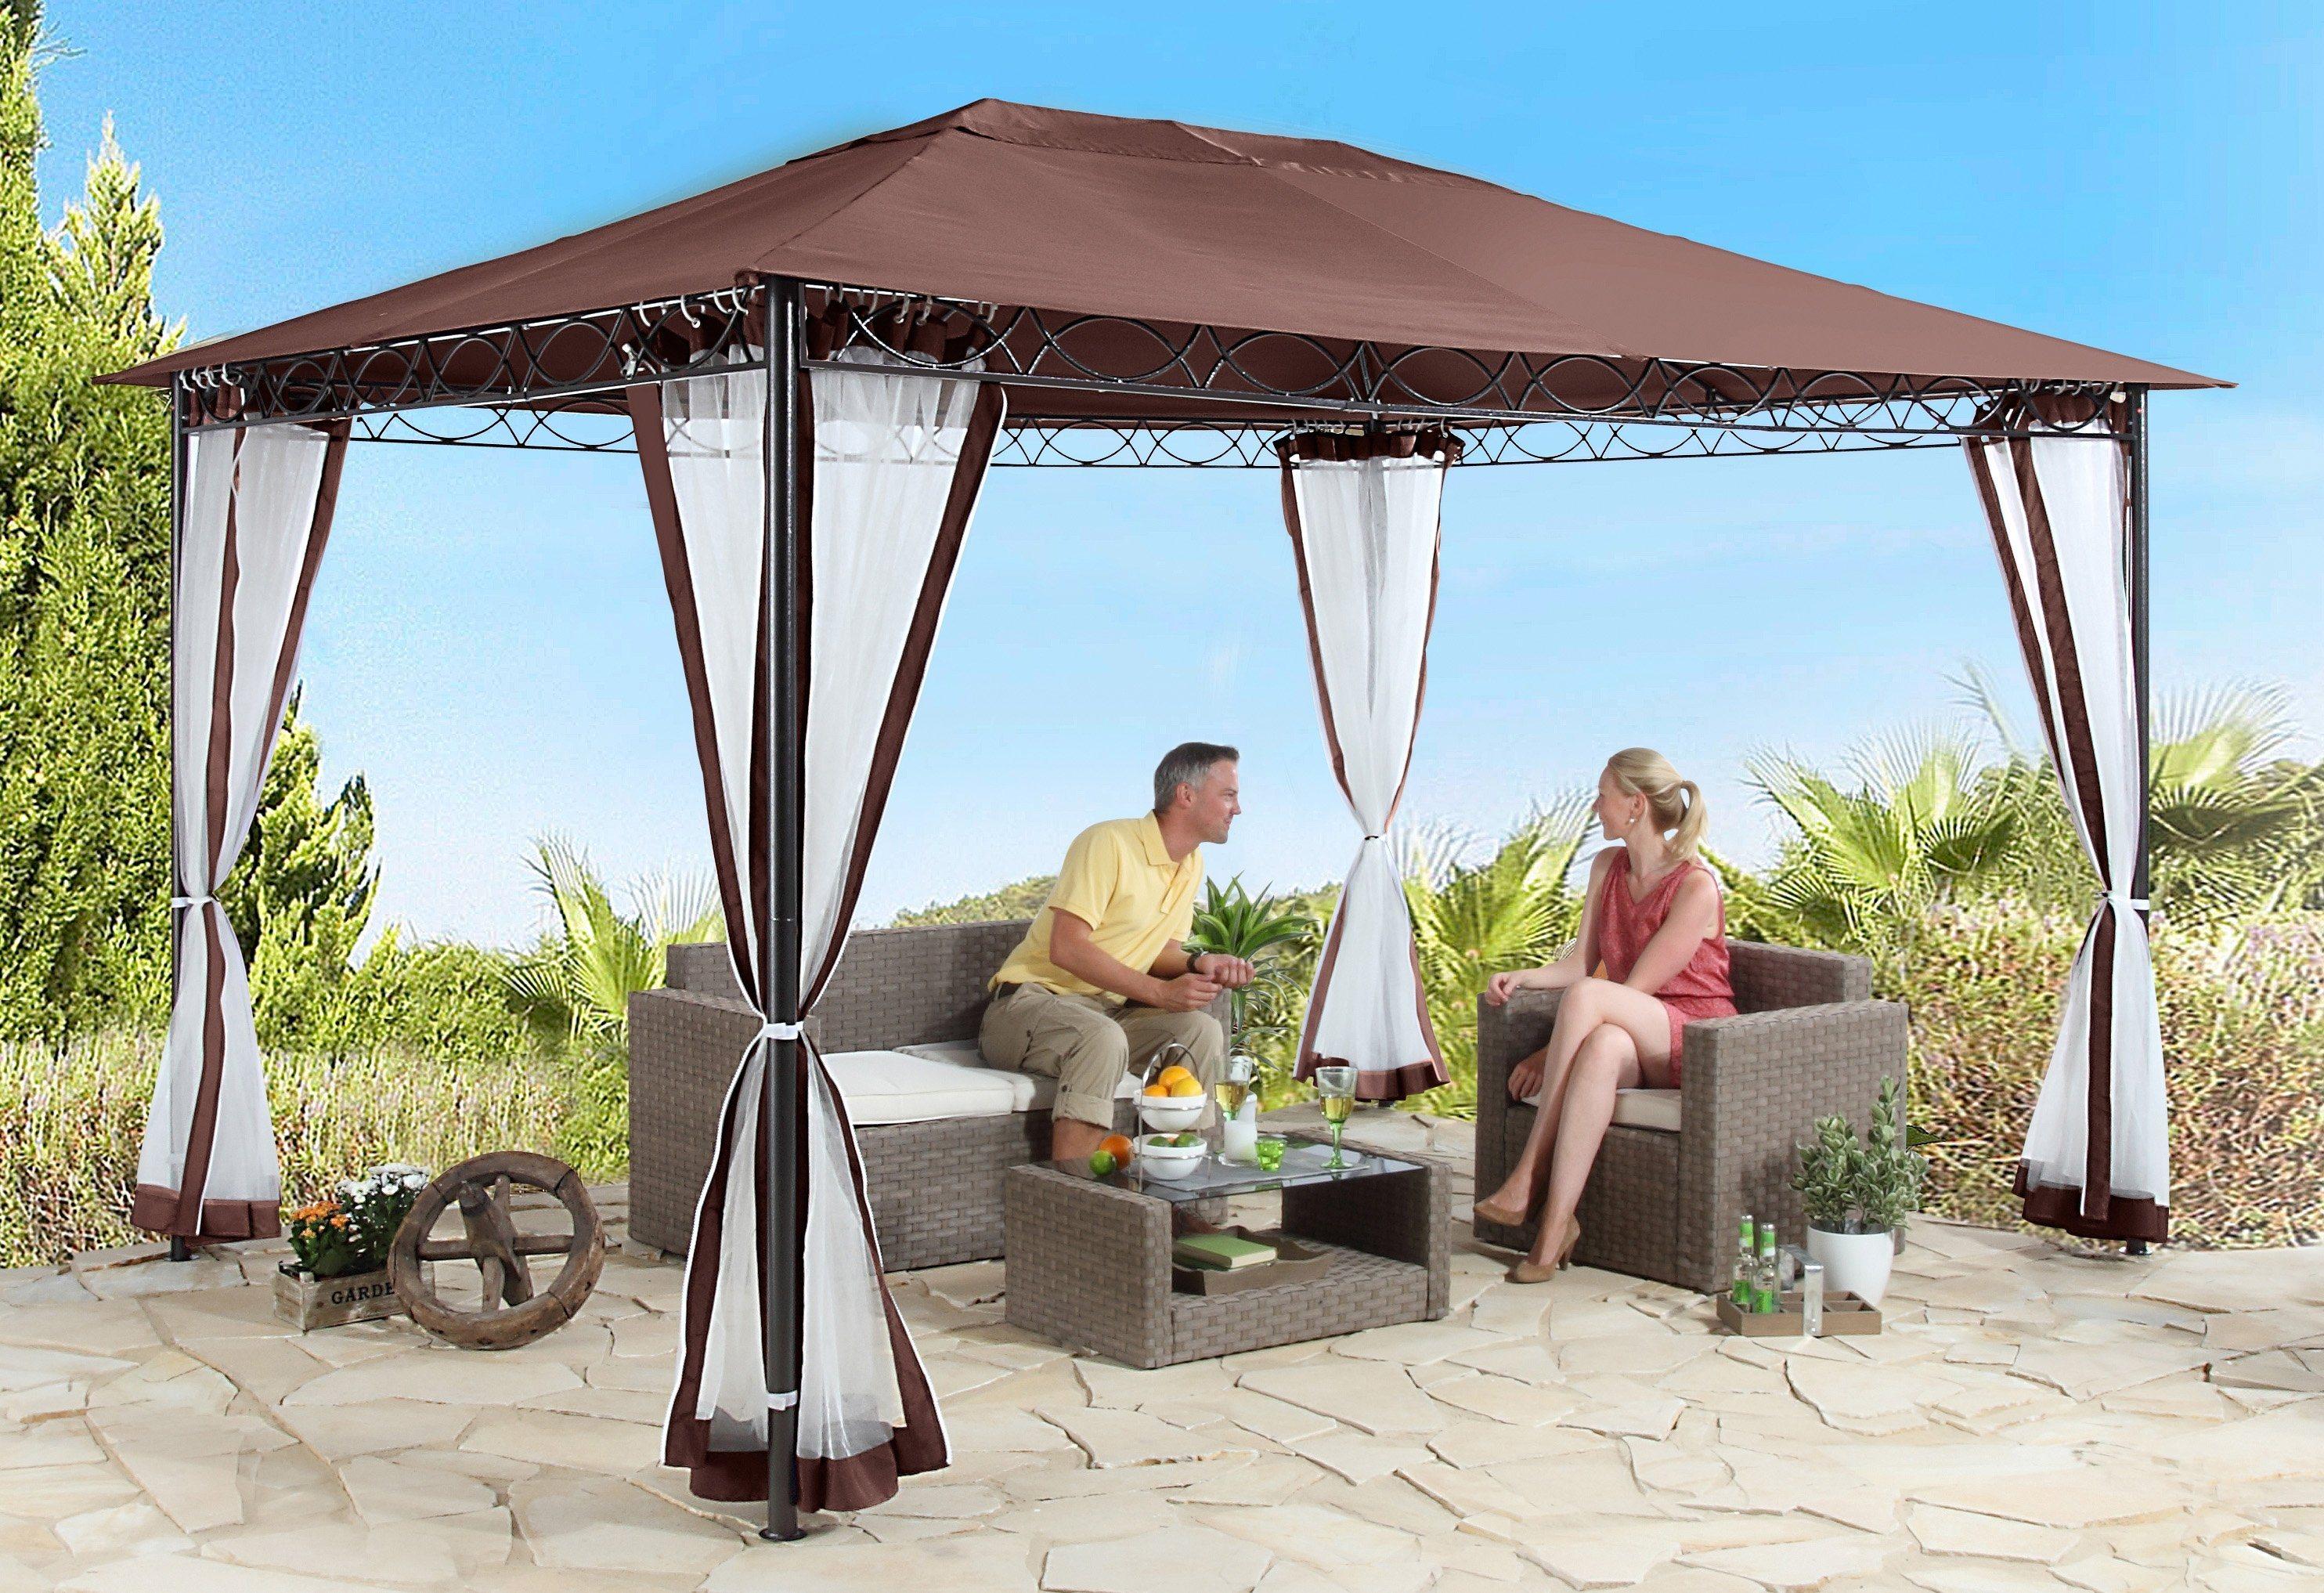 Pavillons online kaufen | Möbel-Suchmaschine | ladendirekt.de